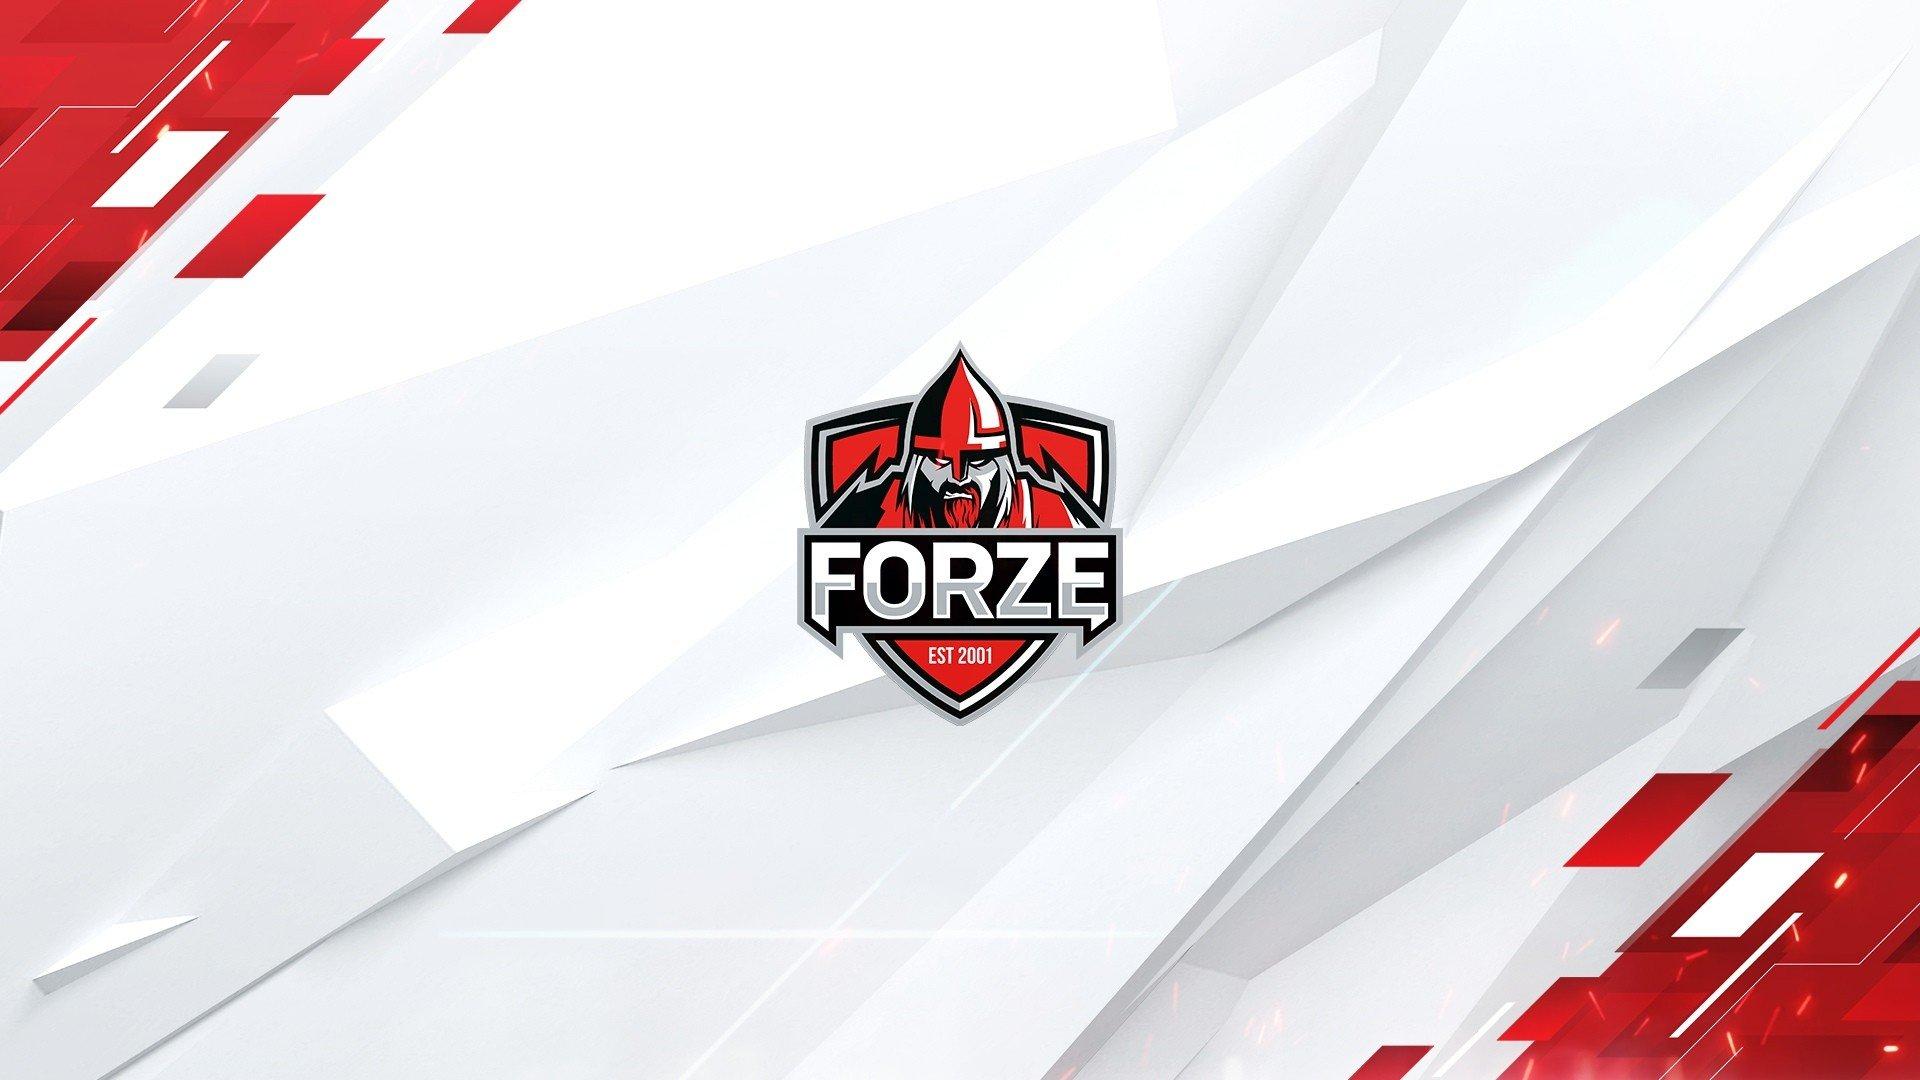 У европейских команд удобный для нас стиль игры Интервью с игроками forZe по VALORANT